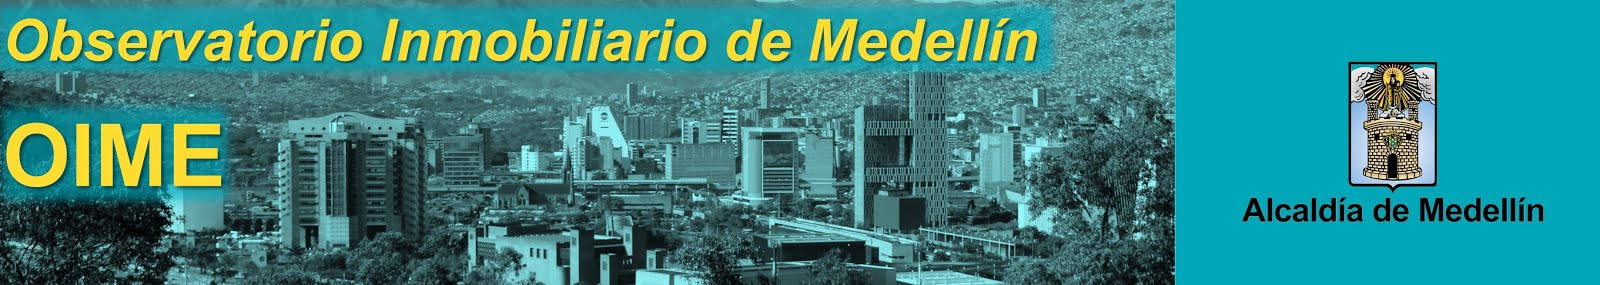 Observatorio Inmobiliario de Medellín